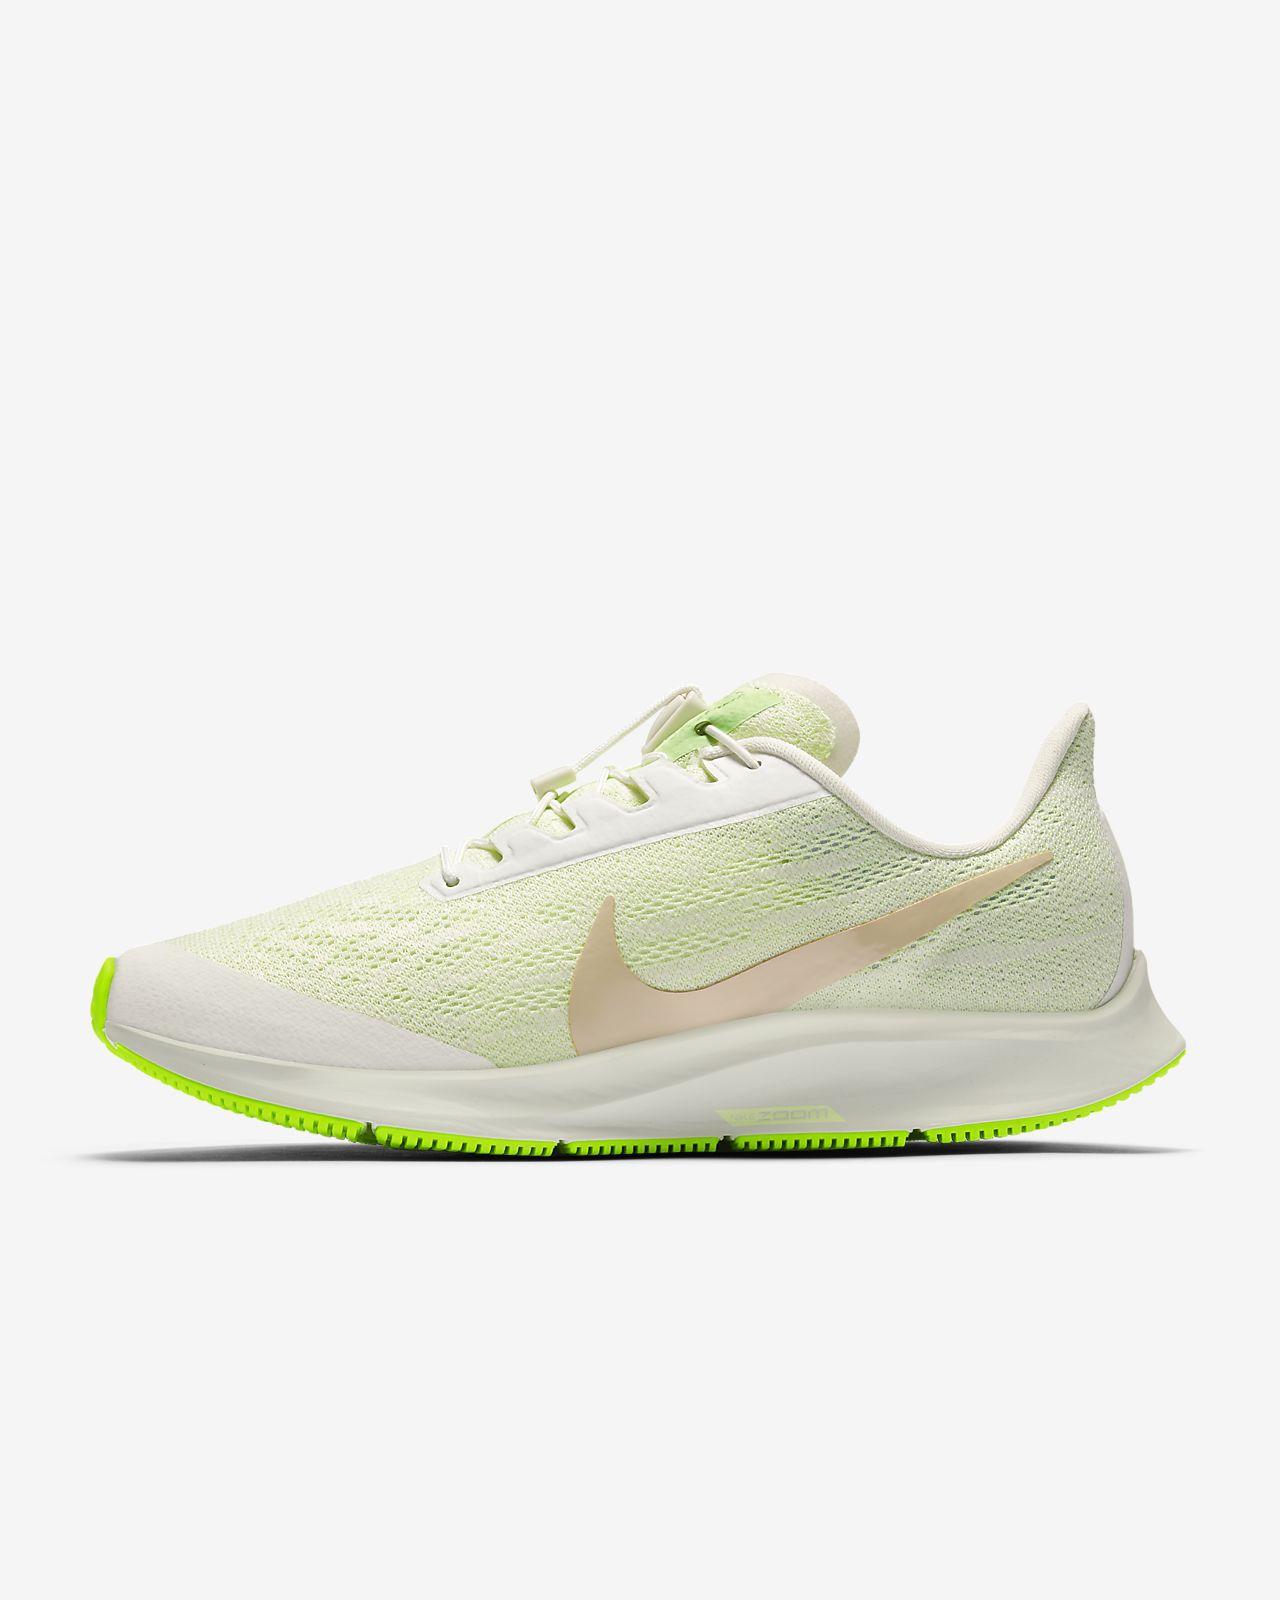 Löparsko Nike Air Zoom Pegasus 36 FlyEase (bred modell) för kvinnor